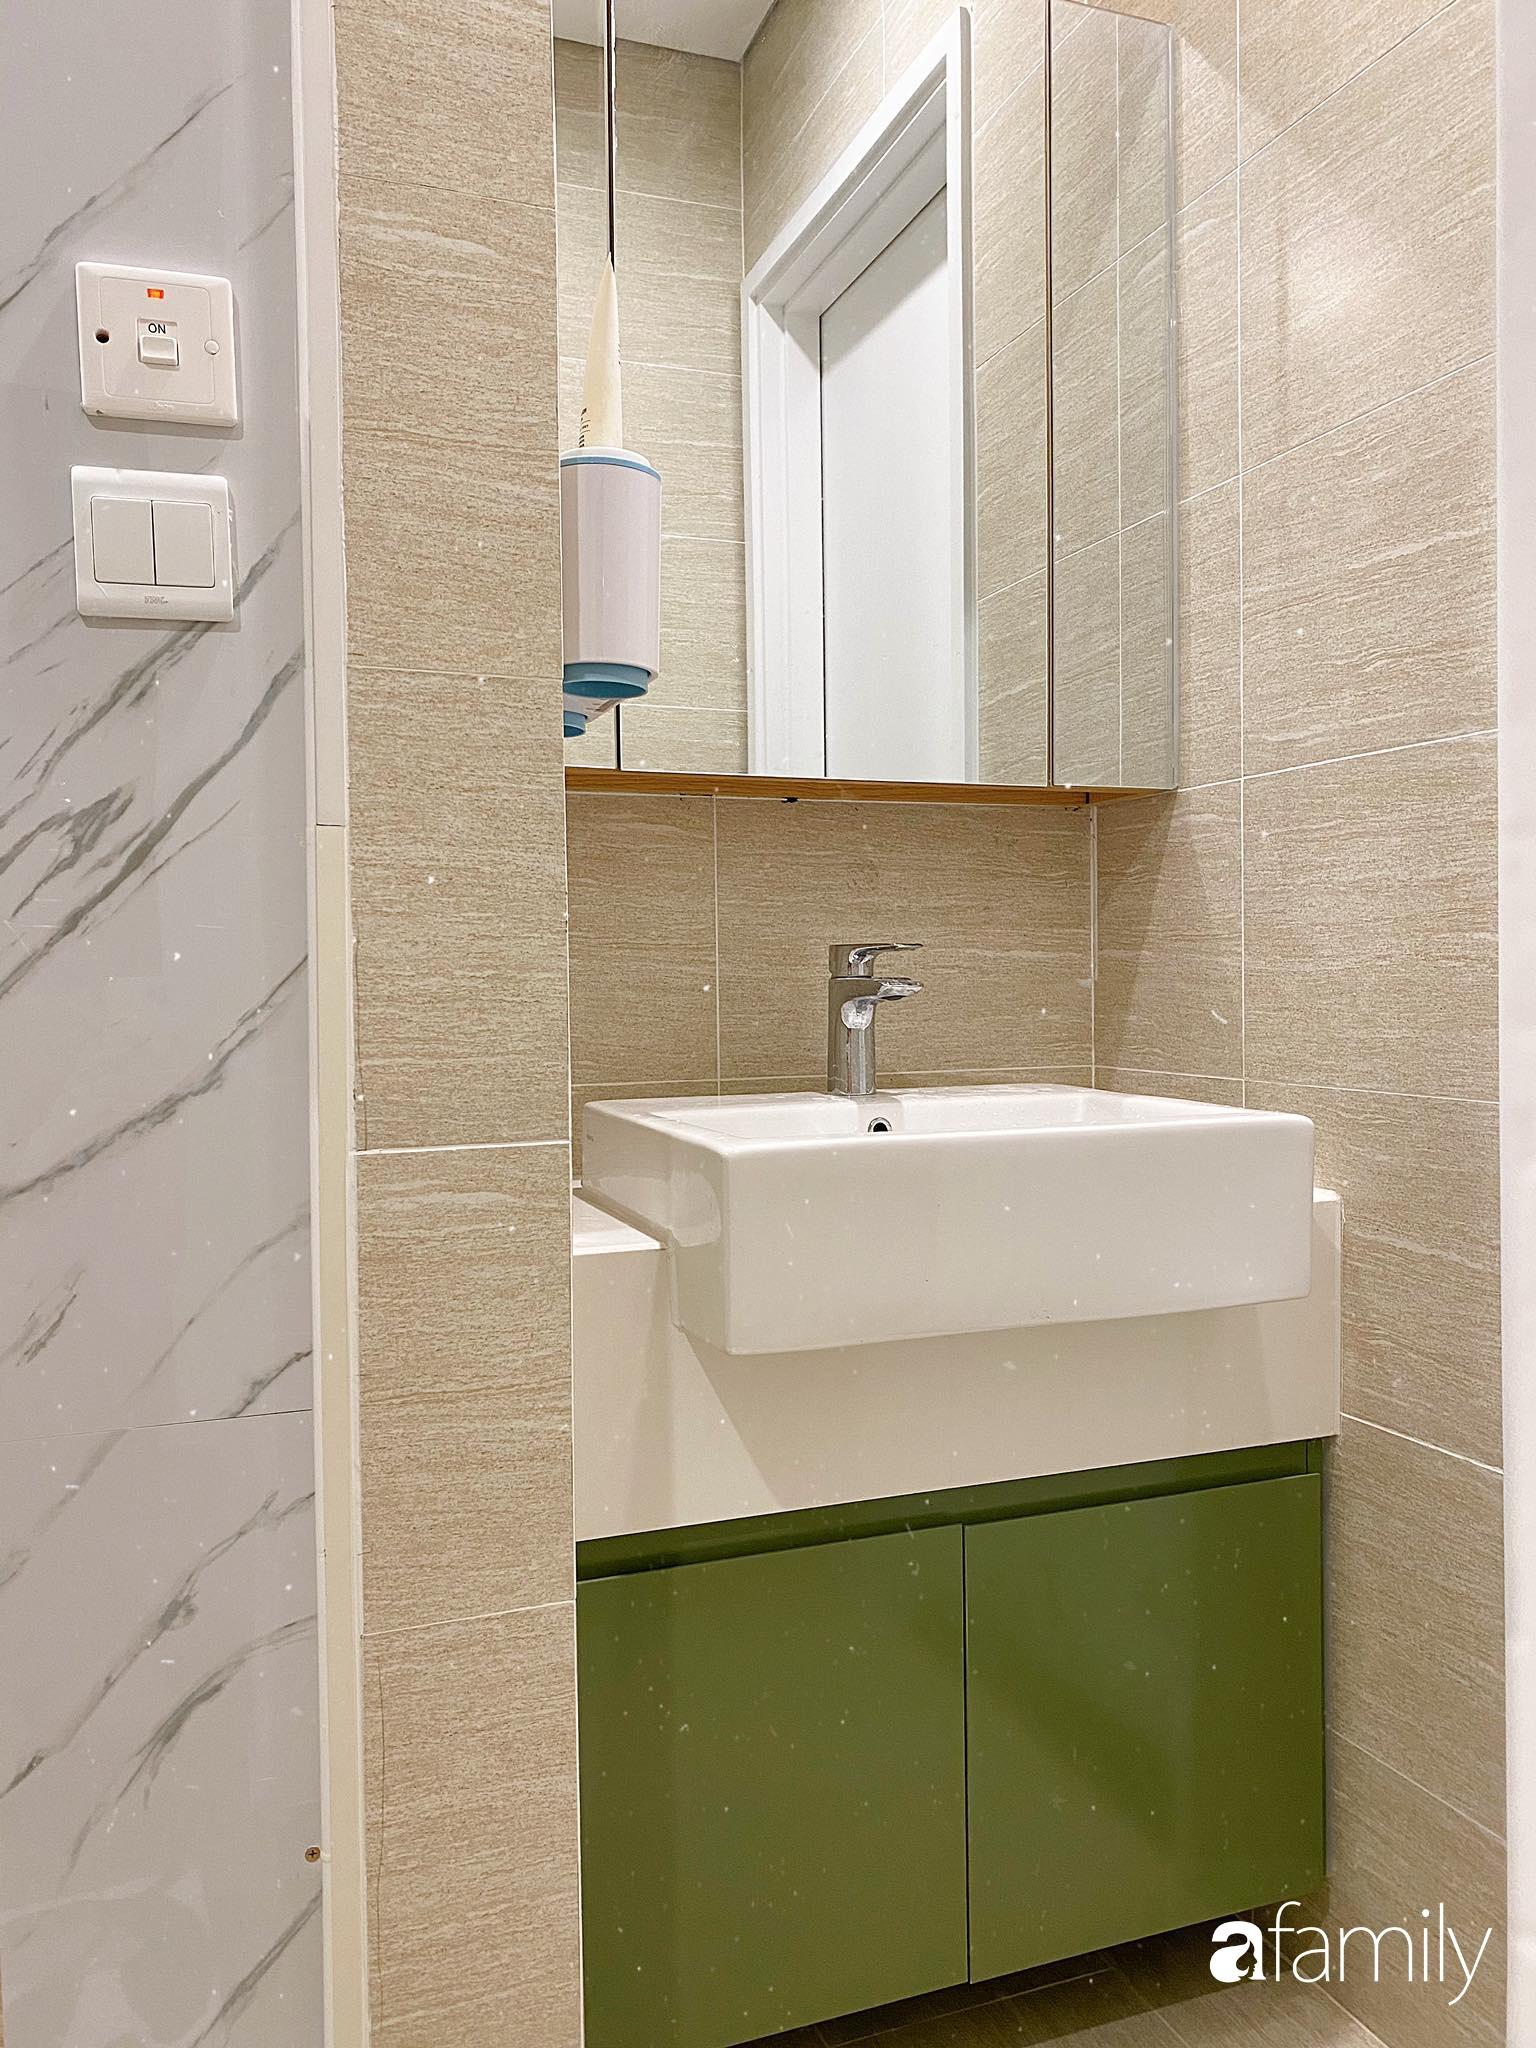 Căn hộ 59m² màu xanh lá xua tan nóng bức mùa hè có chi phí hoàn thiện 225 triệu đồng ở Hà Nội - Ảnh 21.